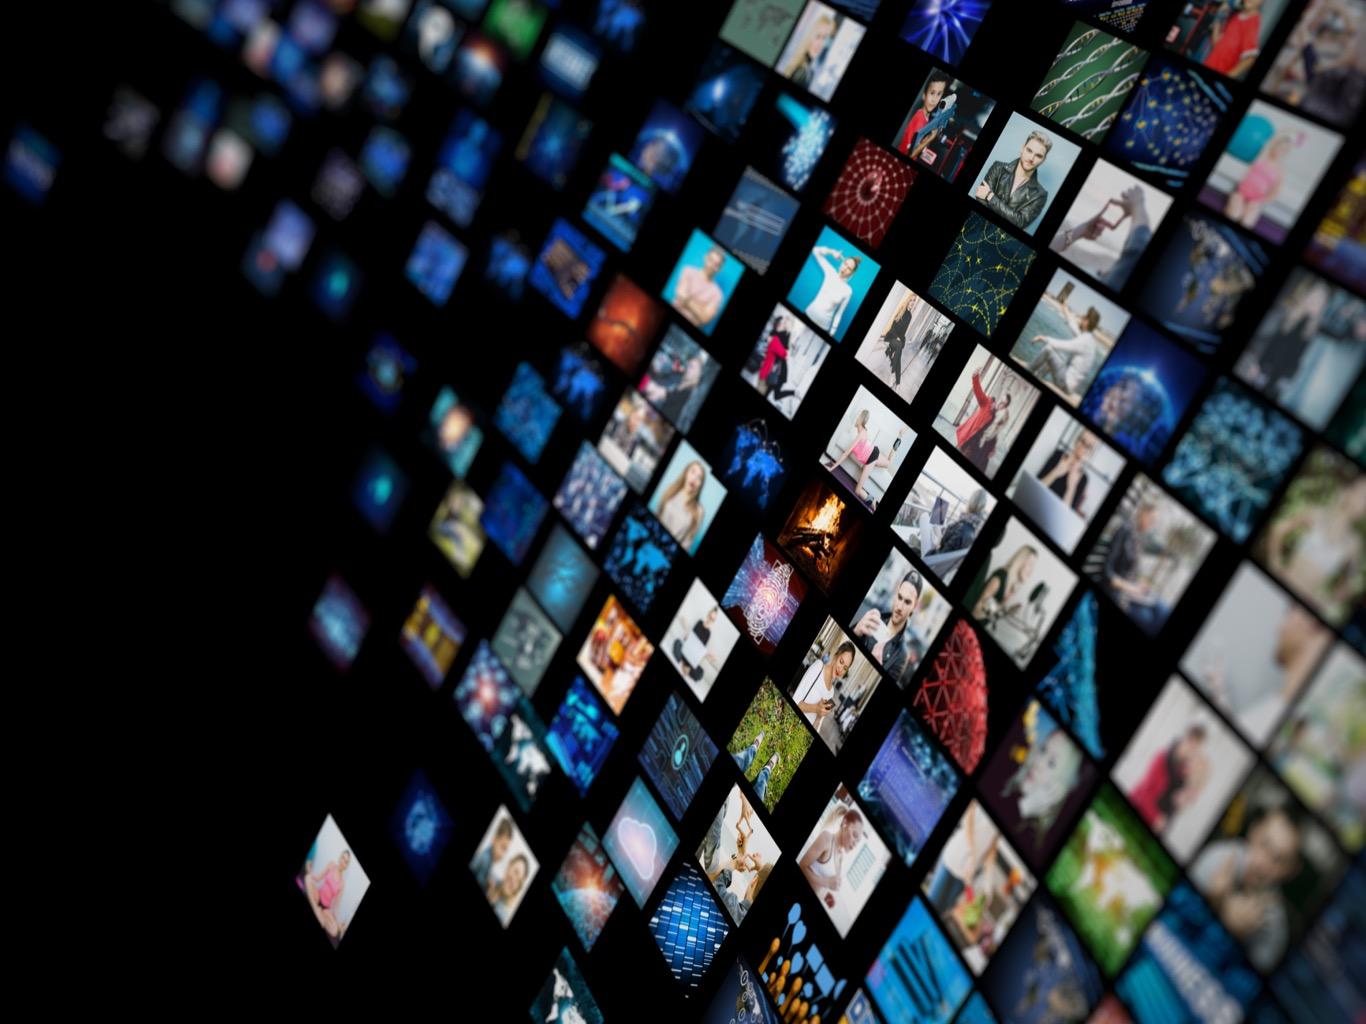 Meerdere tvs aansluiten online dating